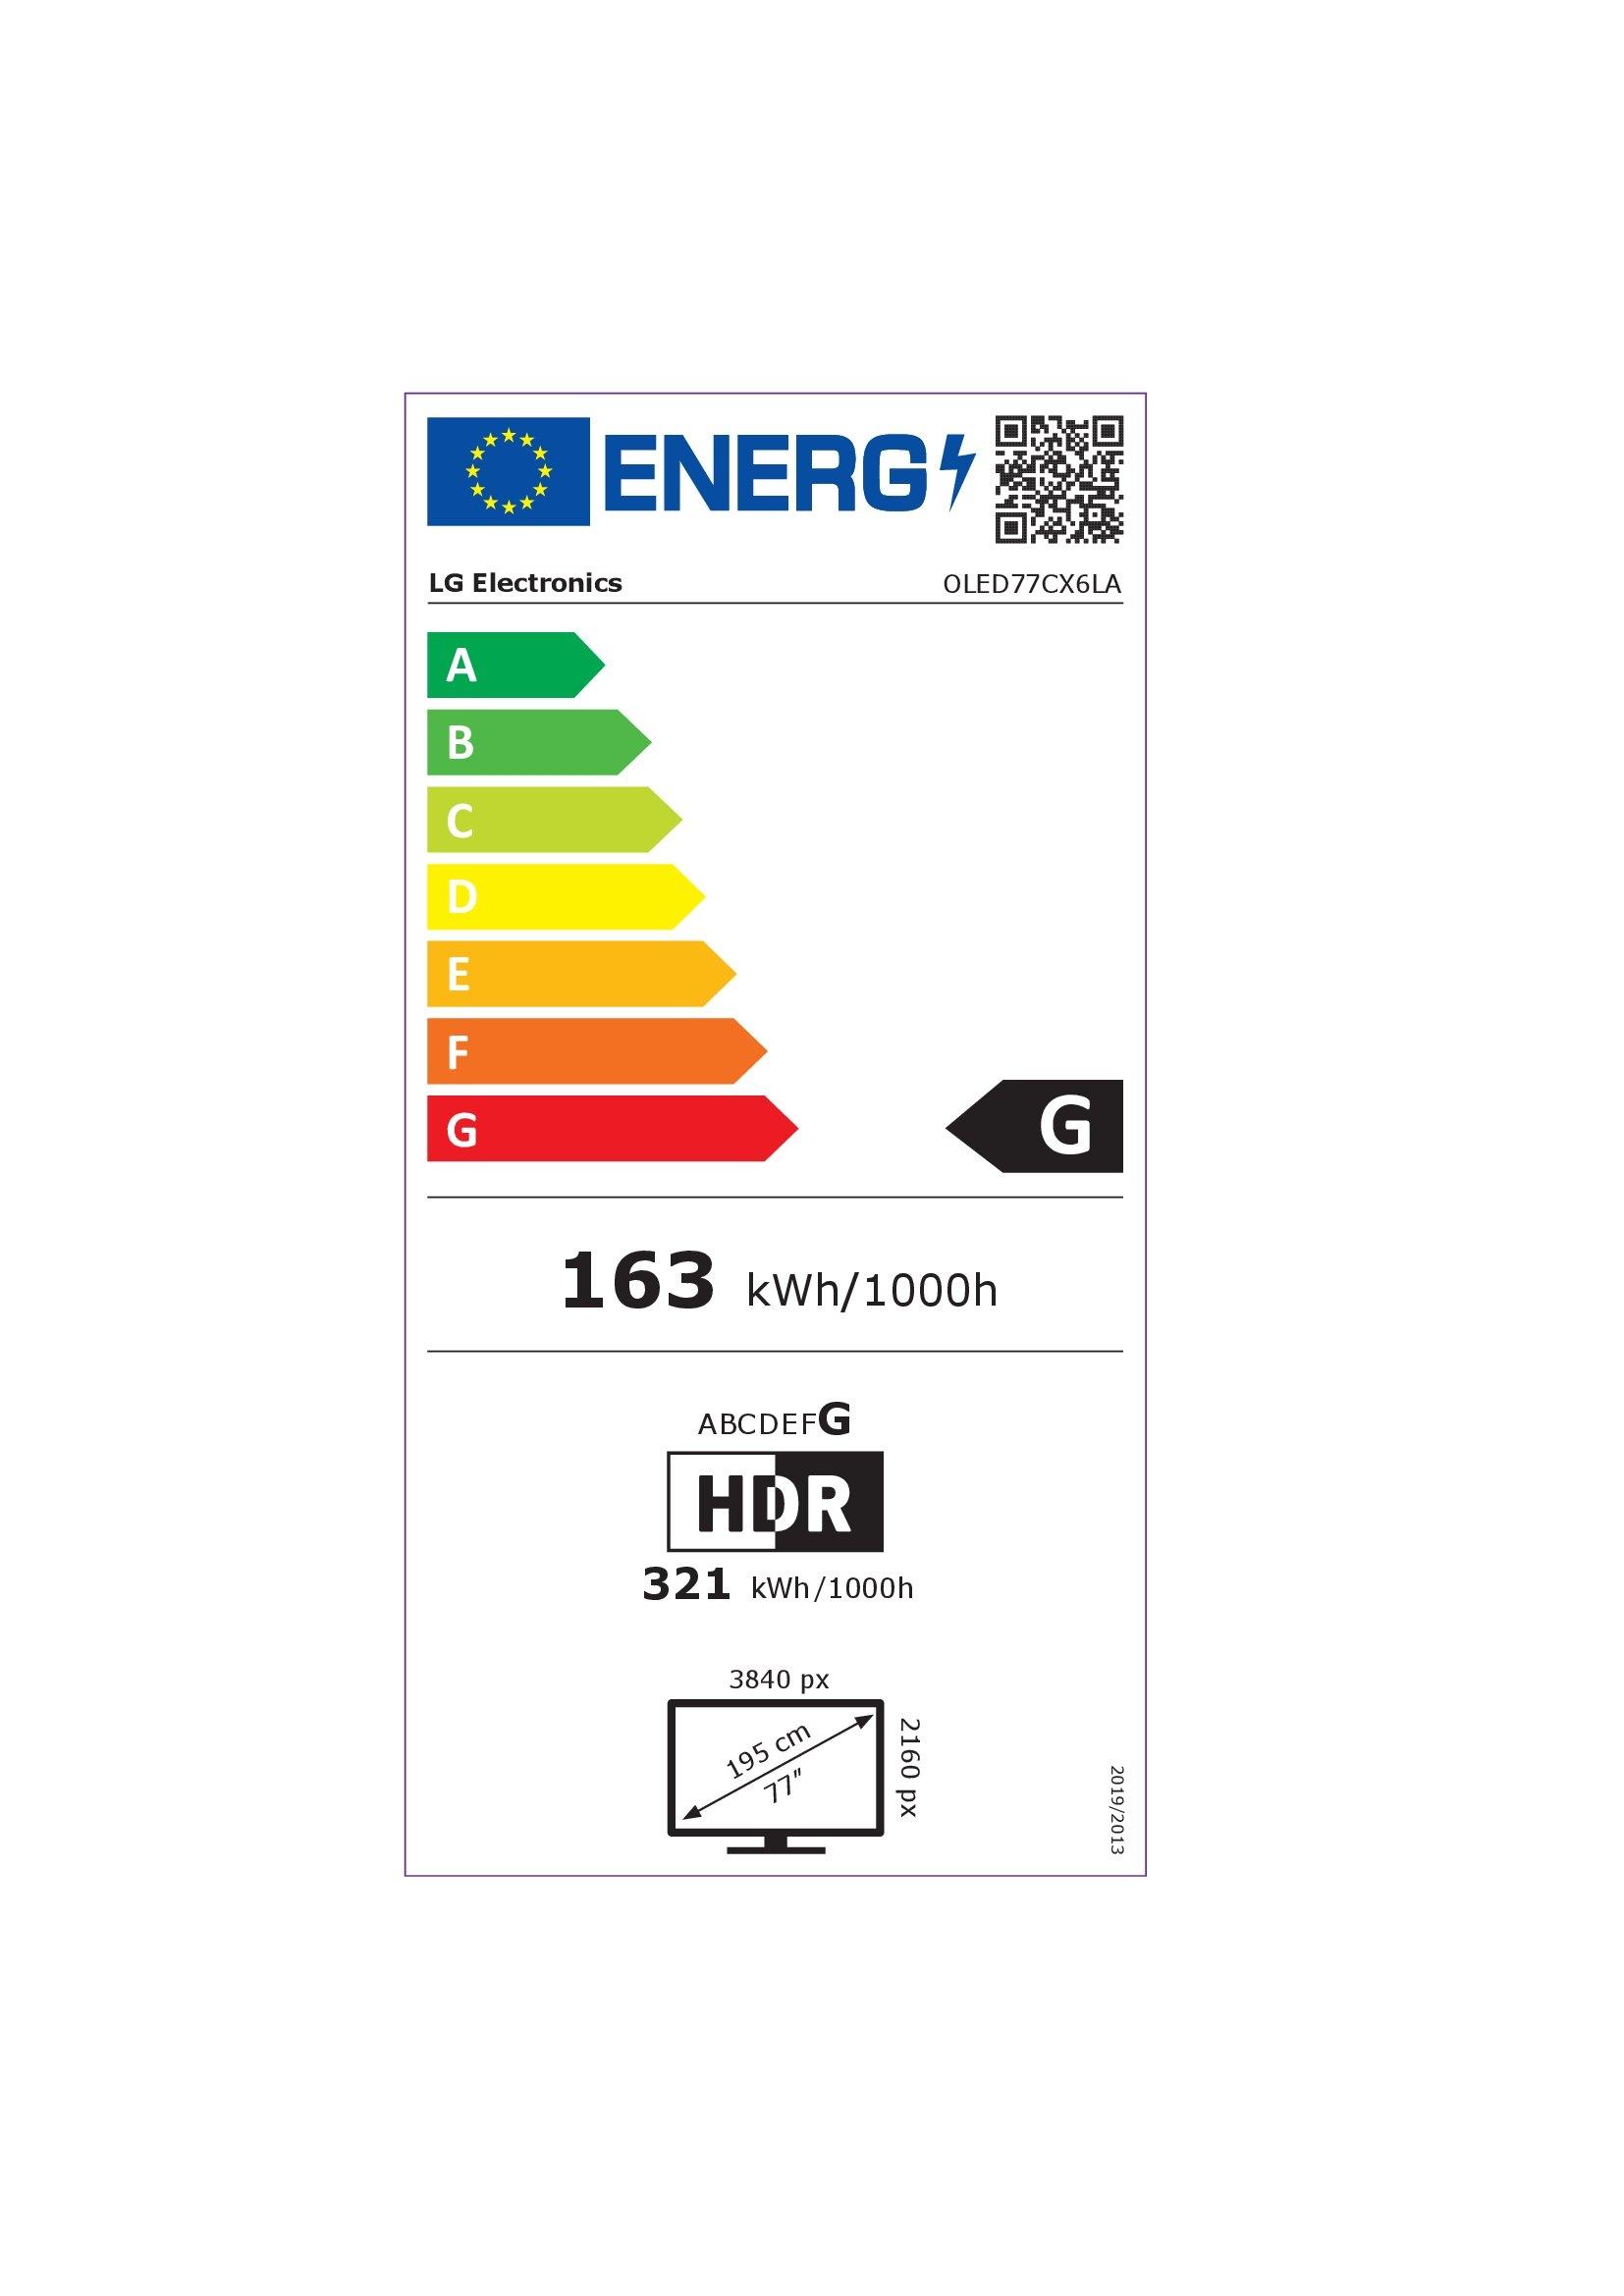 Etiqueta energética LG OLED77CX6LA 77